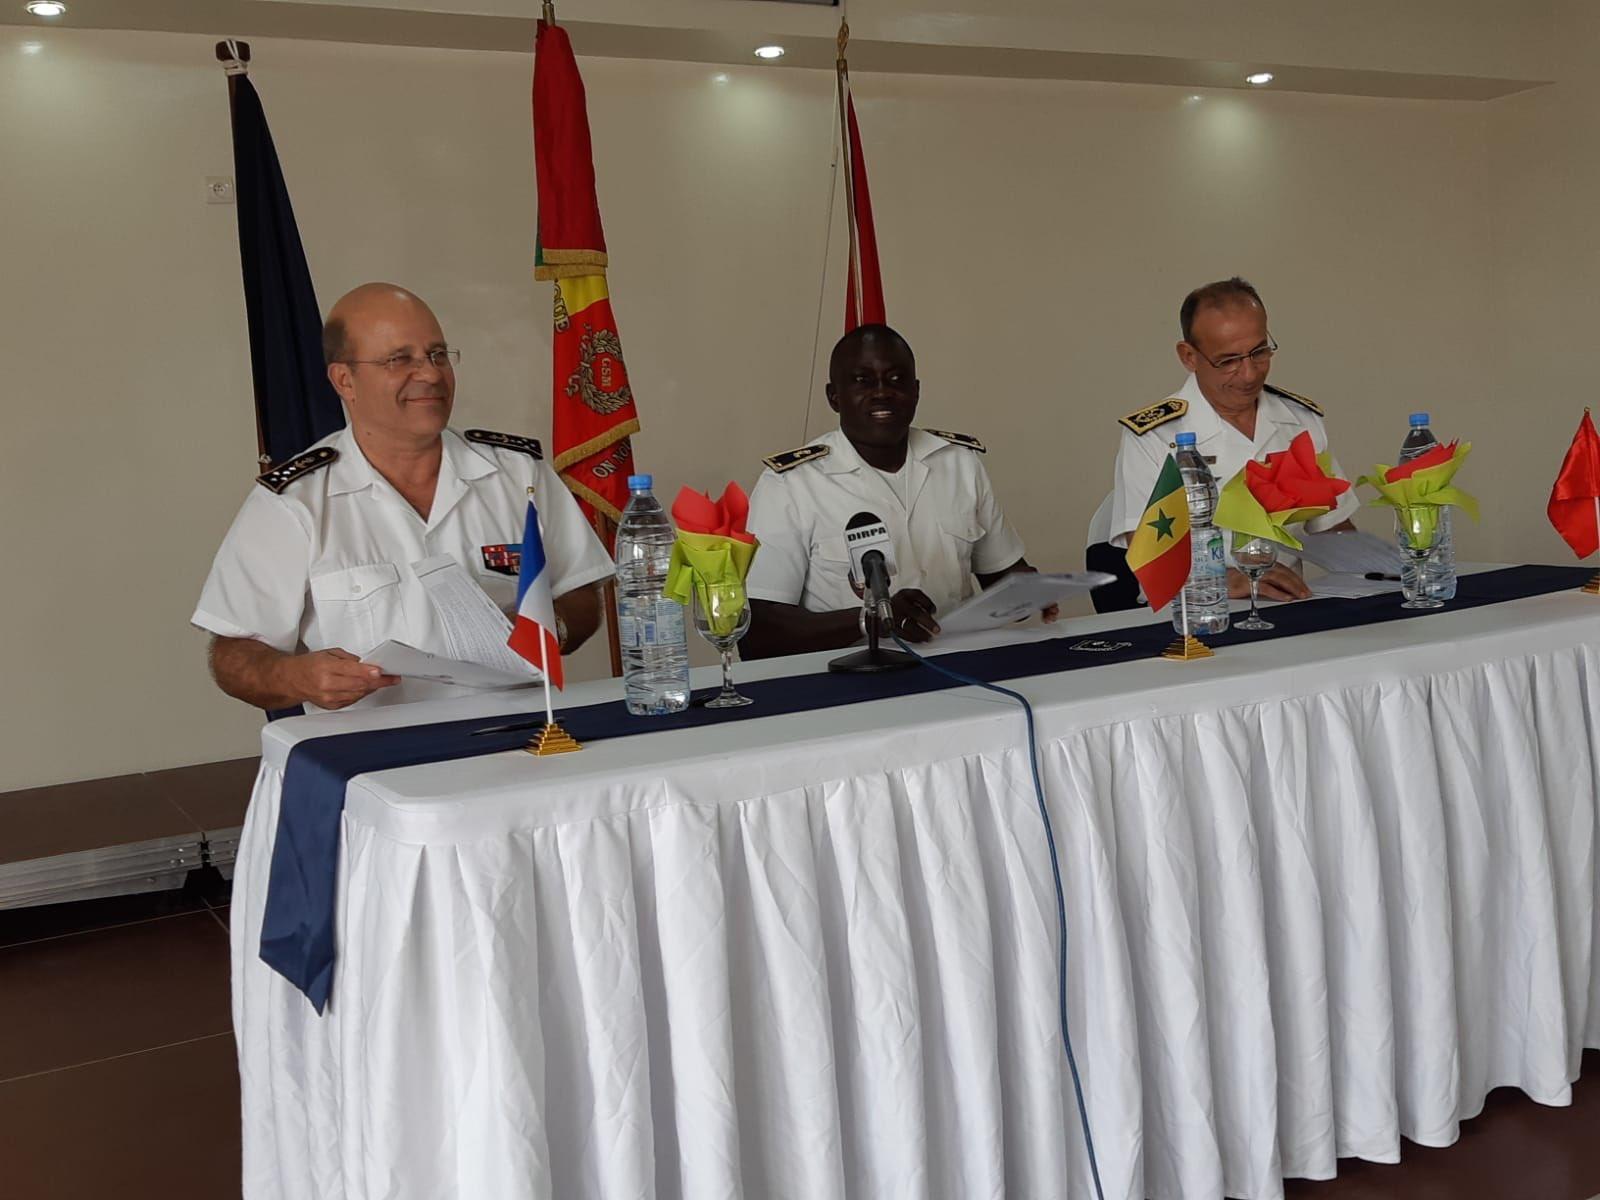 Informations et News sur la Marine Royale - Page 9 Efo_4411